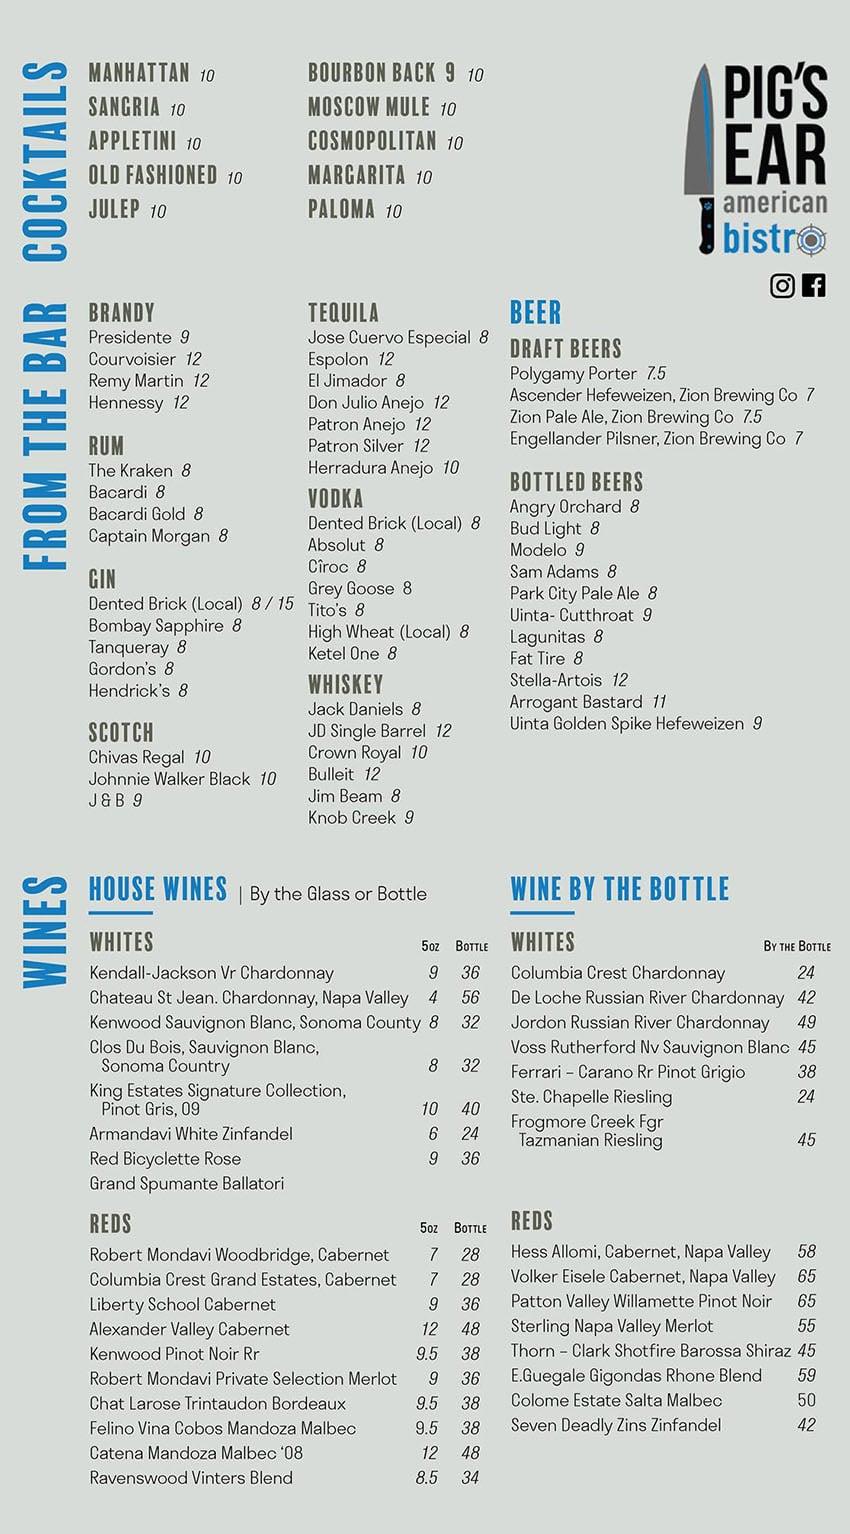 Pig's Ear American Bistro menu - beer, wine, cocktails